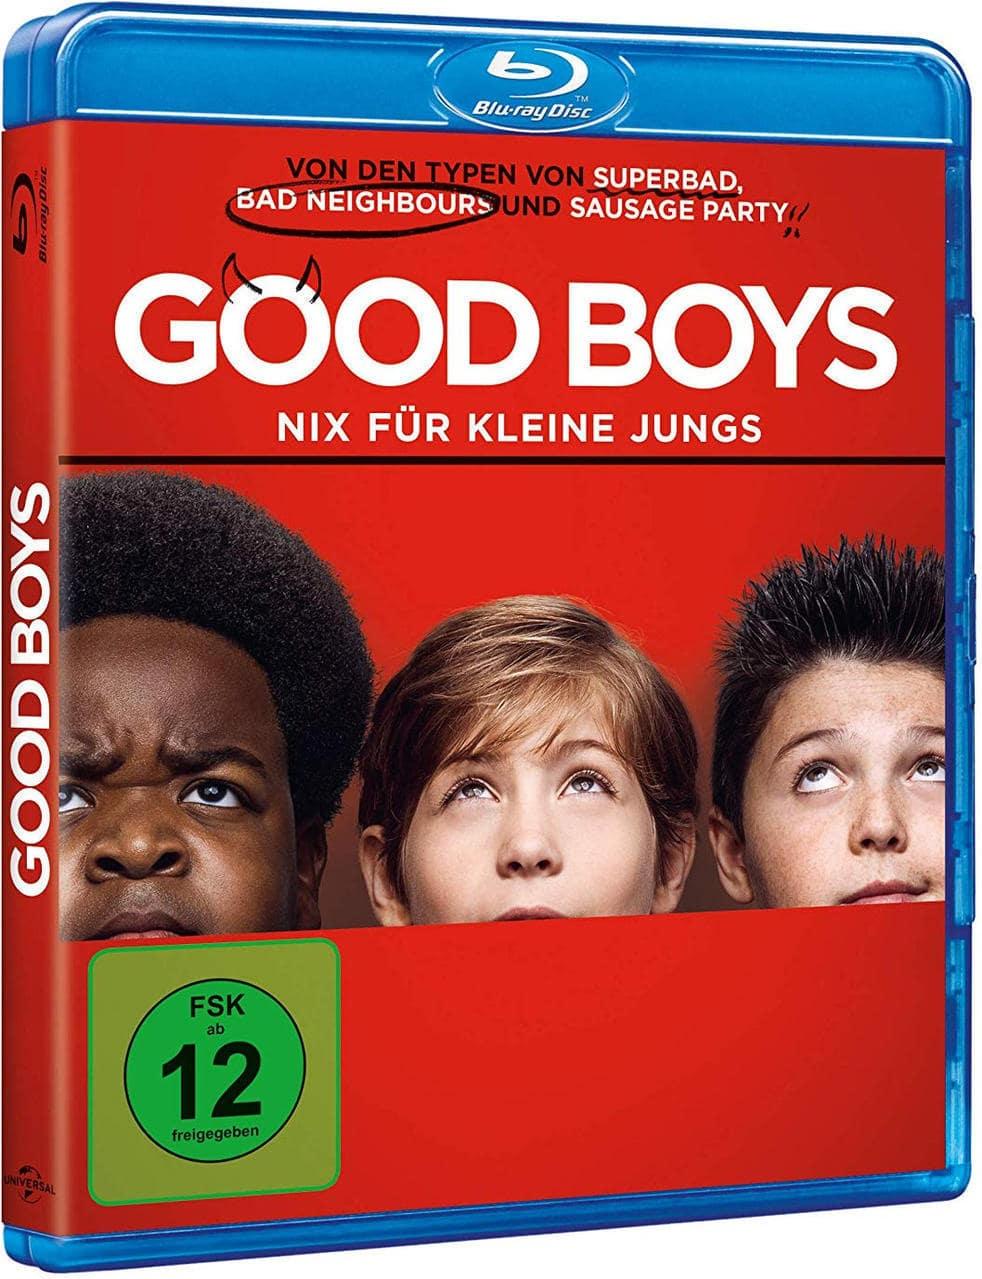 Good Boys - Nix für kleine Jungs (BLU-RAY) für 14,99 Euro